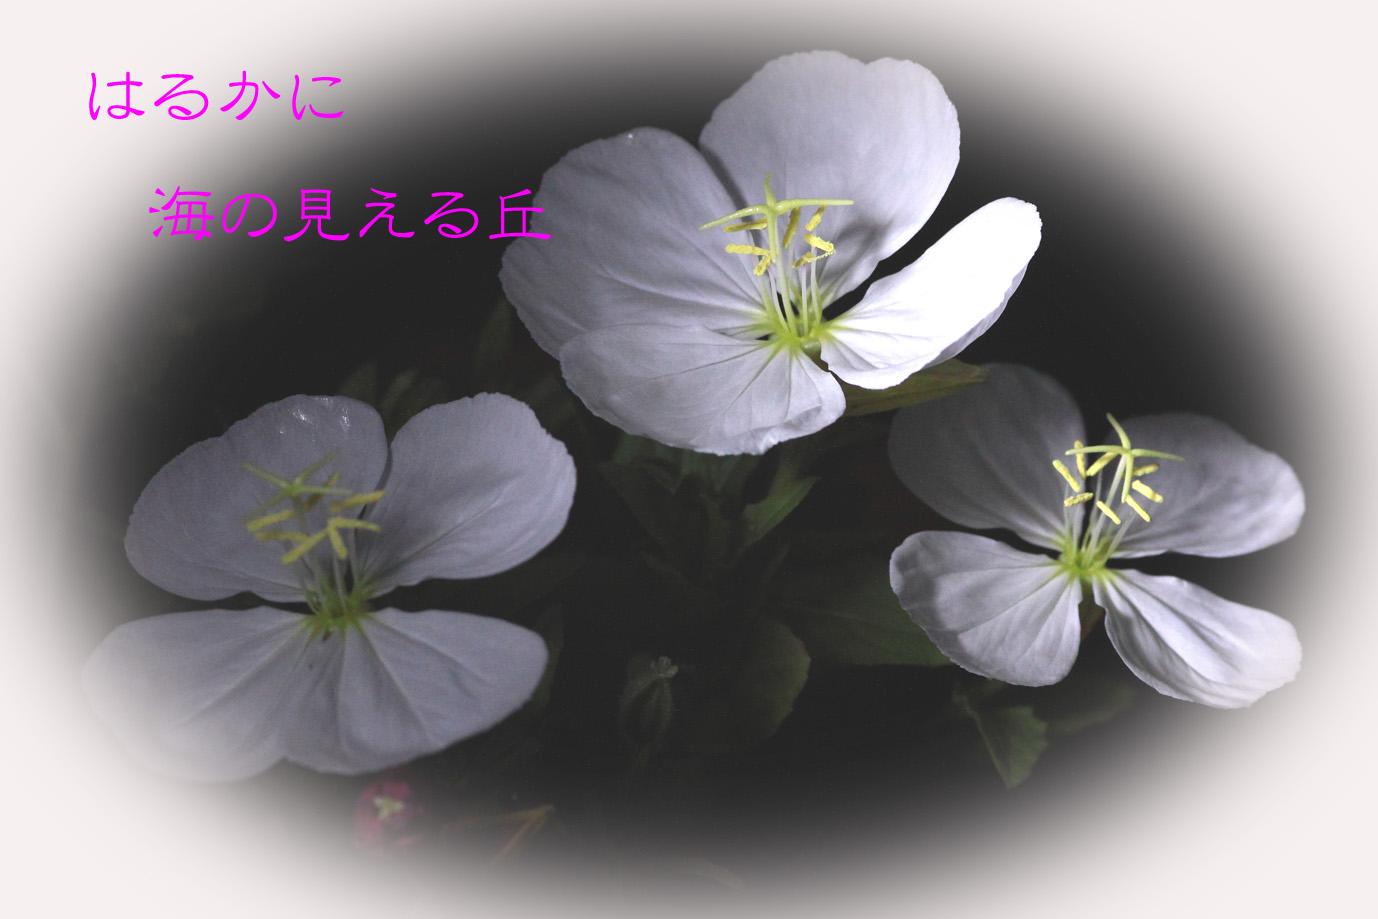 b0012595_20423364.jpg